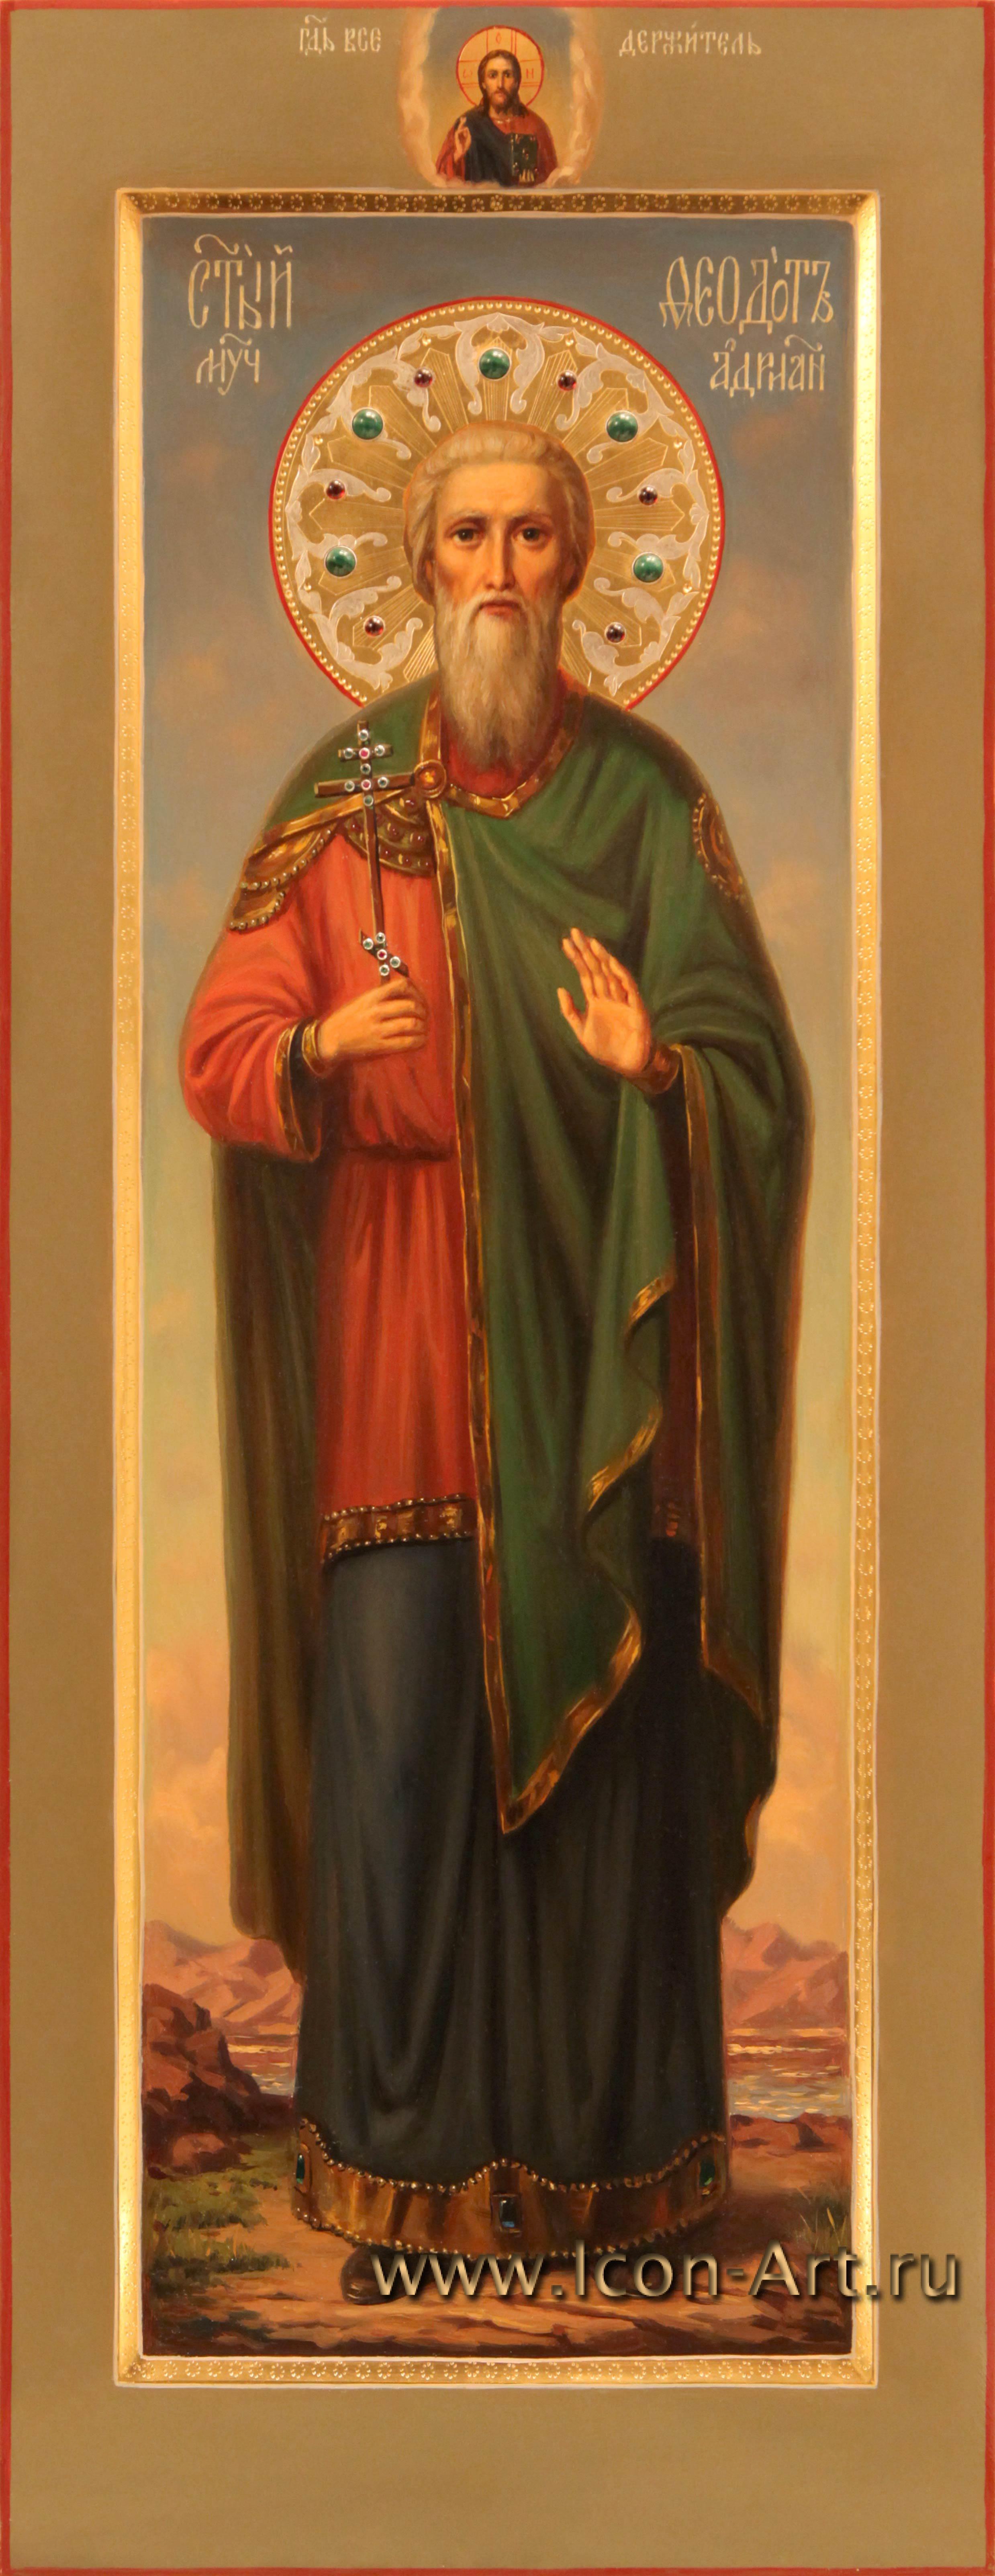 далеко икона святого богдана фото по-своему уникальны, ведь